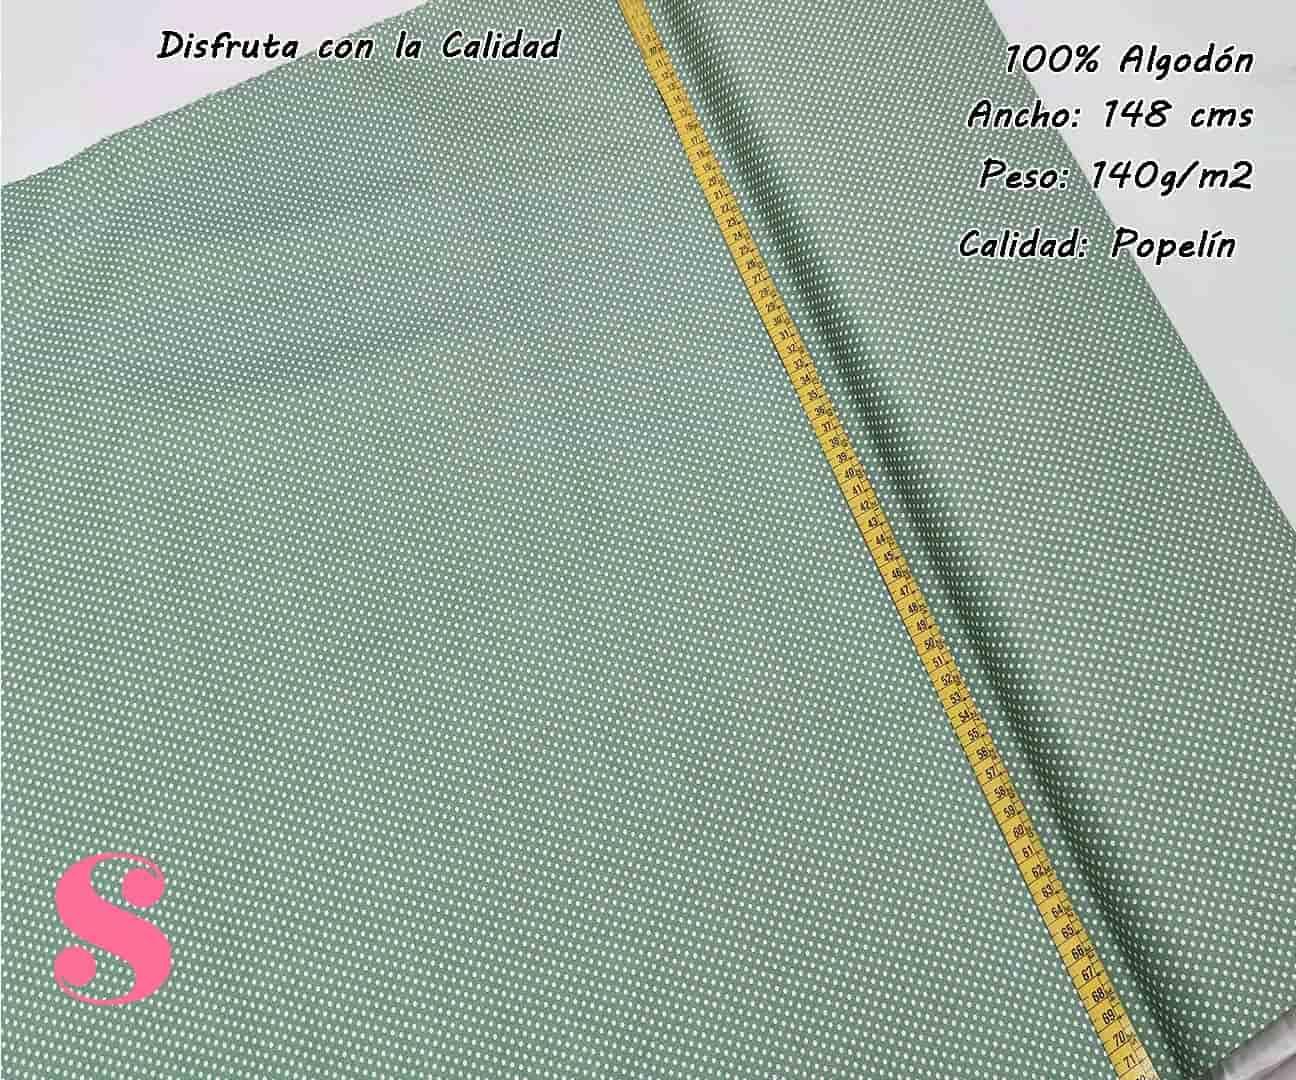 topos-algodon-estampado-naturales-geometricas-modernas-patchwork-para-vestidos-liberty,Tejido Algodón Estampado Topos Blanco Fondo Verde